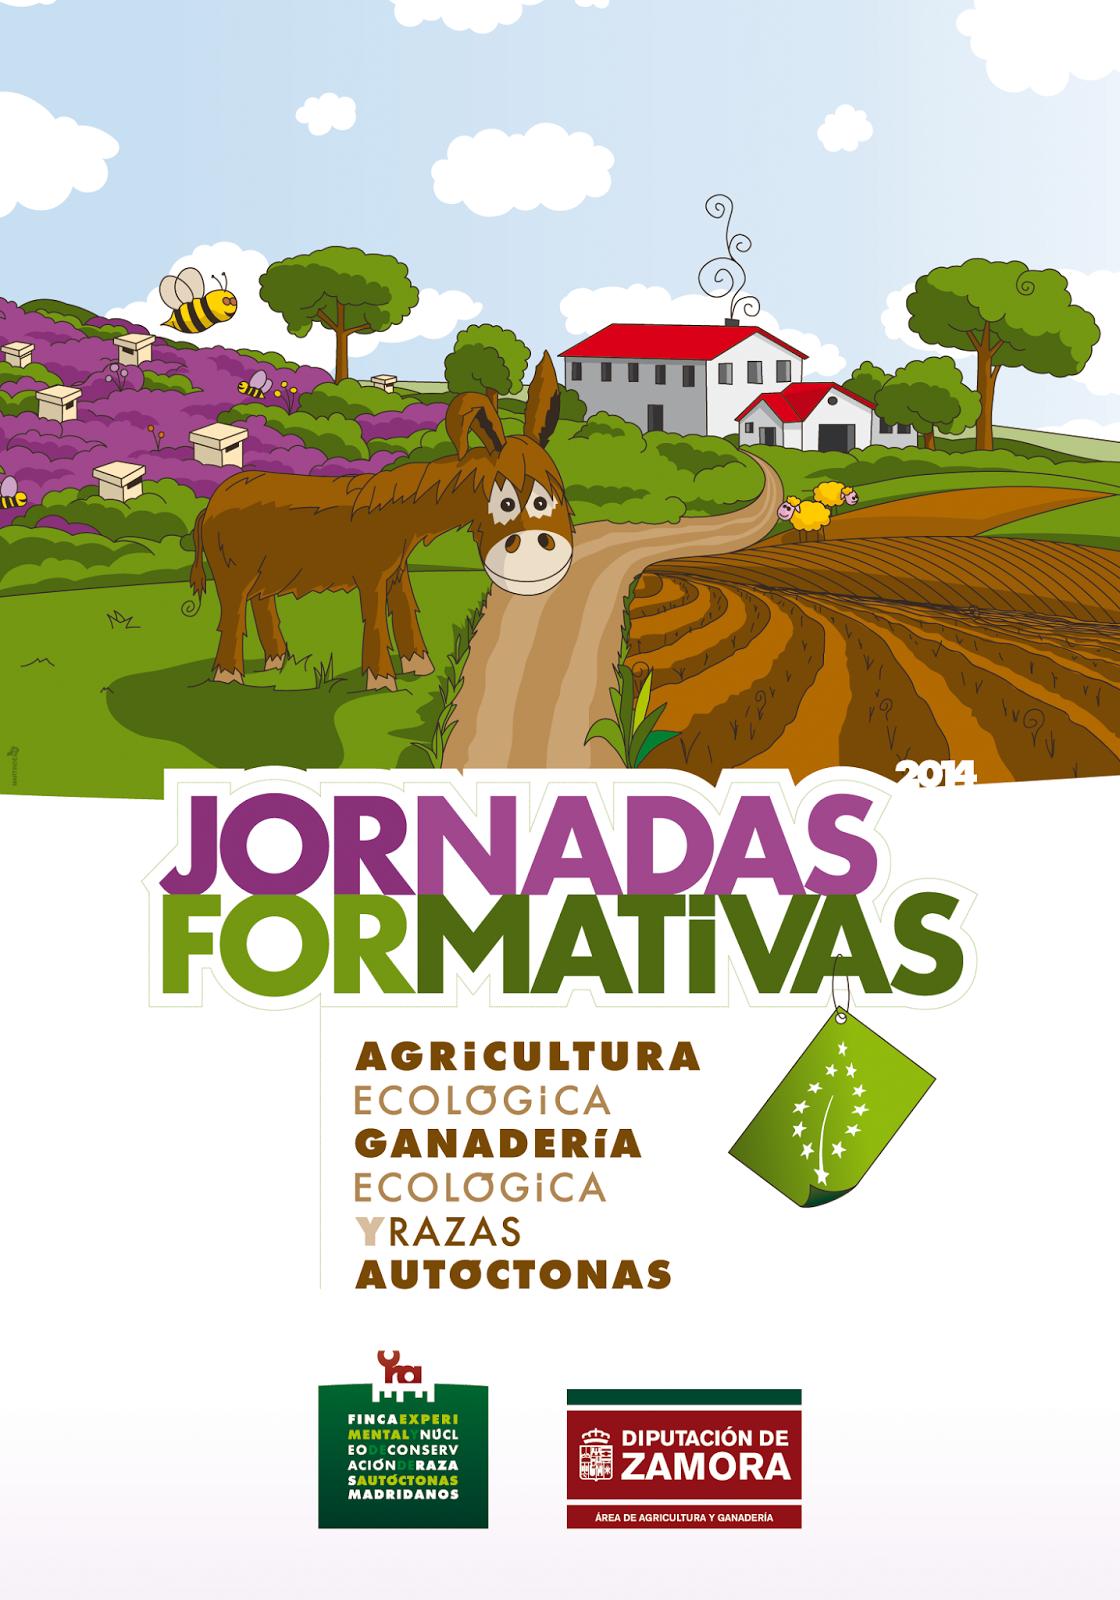 jornadas formativas ecológicas 2014